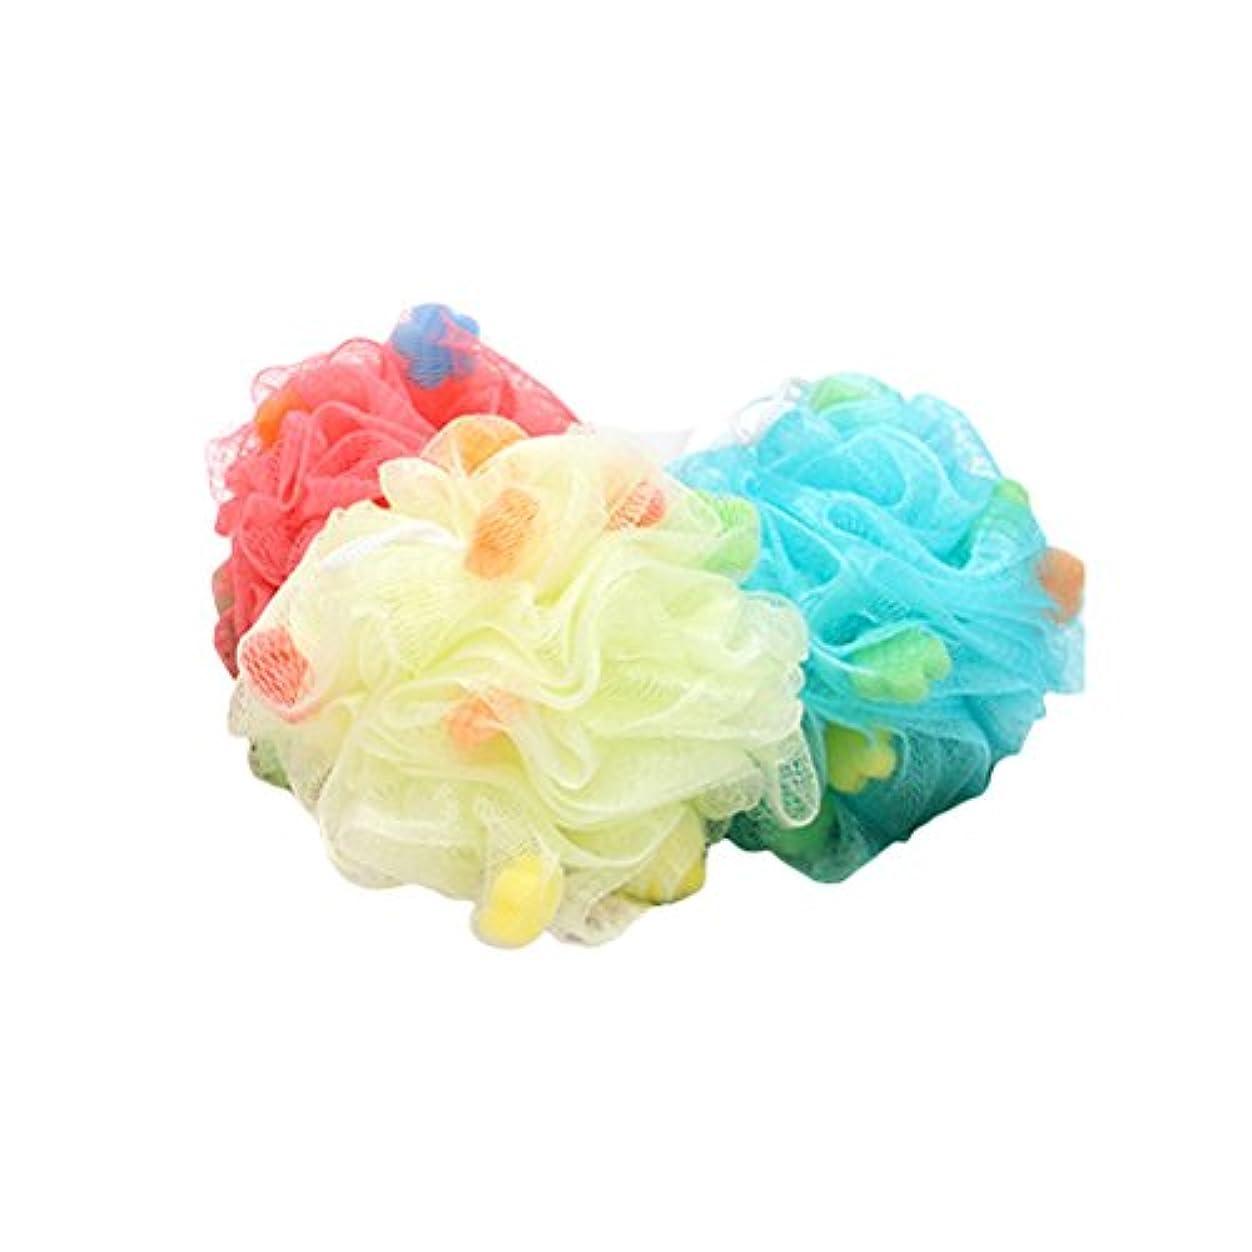 マウスビルダー最大化するHealifty ボディースポンジ 泡立てネット フラワーボール シャワー用 バス用品 背中も洗える メッシュ ボディ洗い 泡肌美人(ランダム色)3個